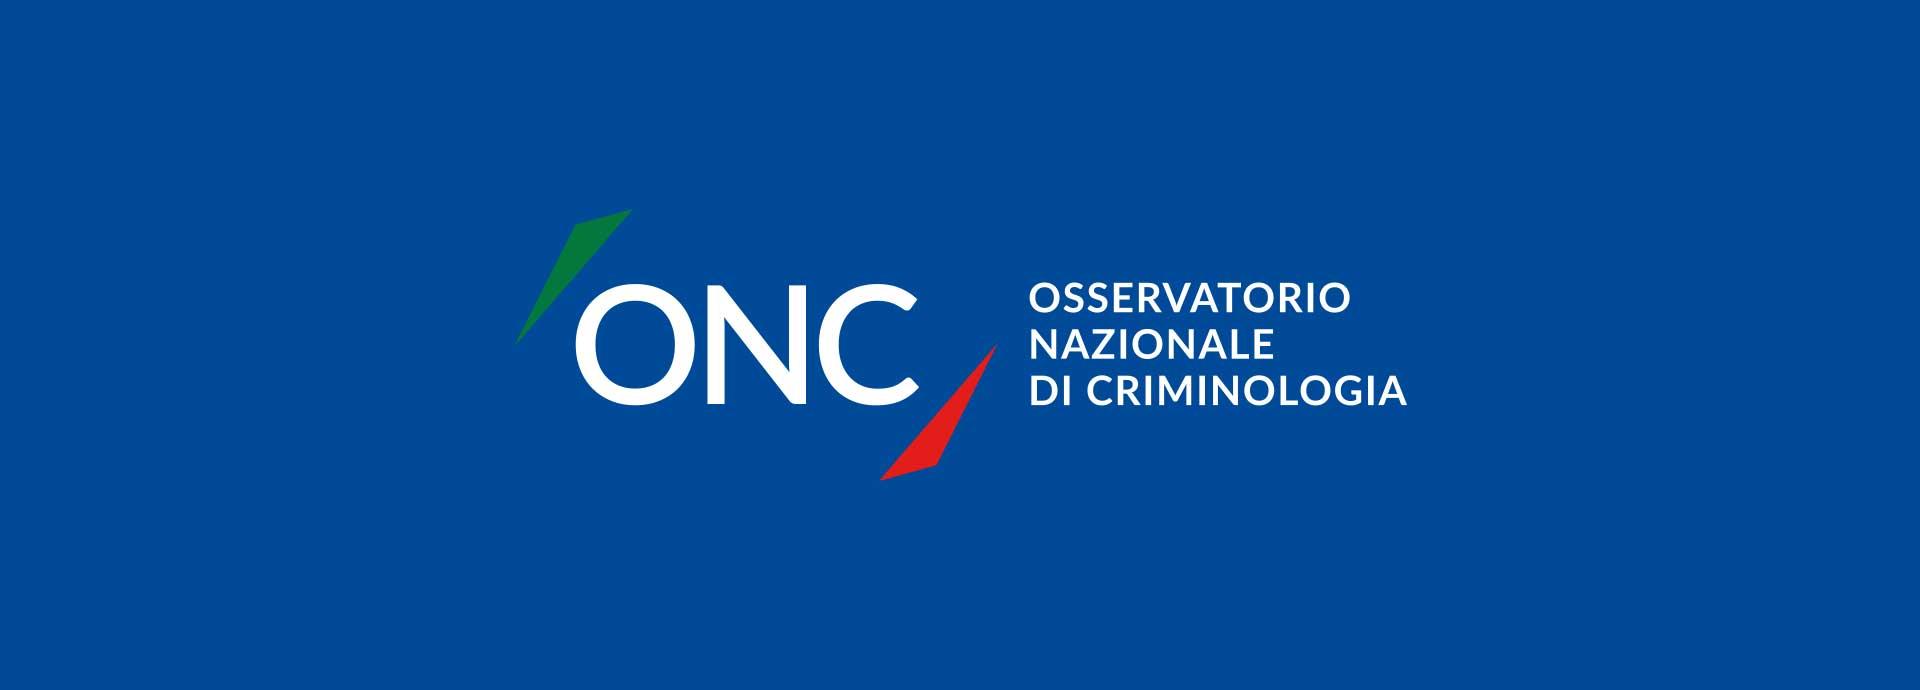 Non profit logo onlus criminology